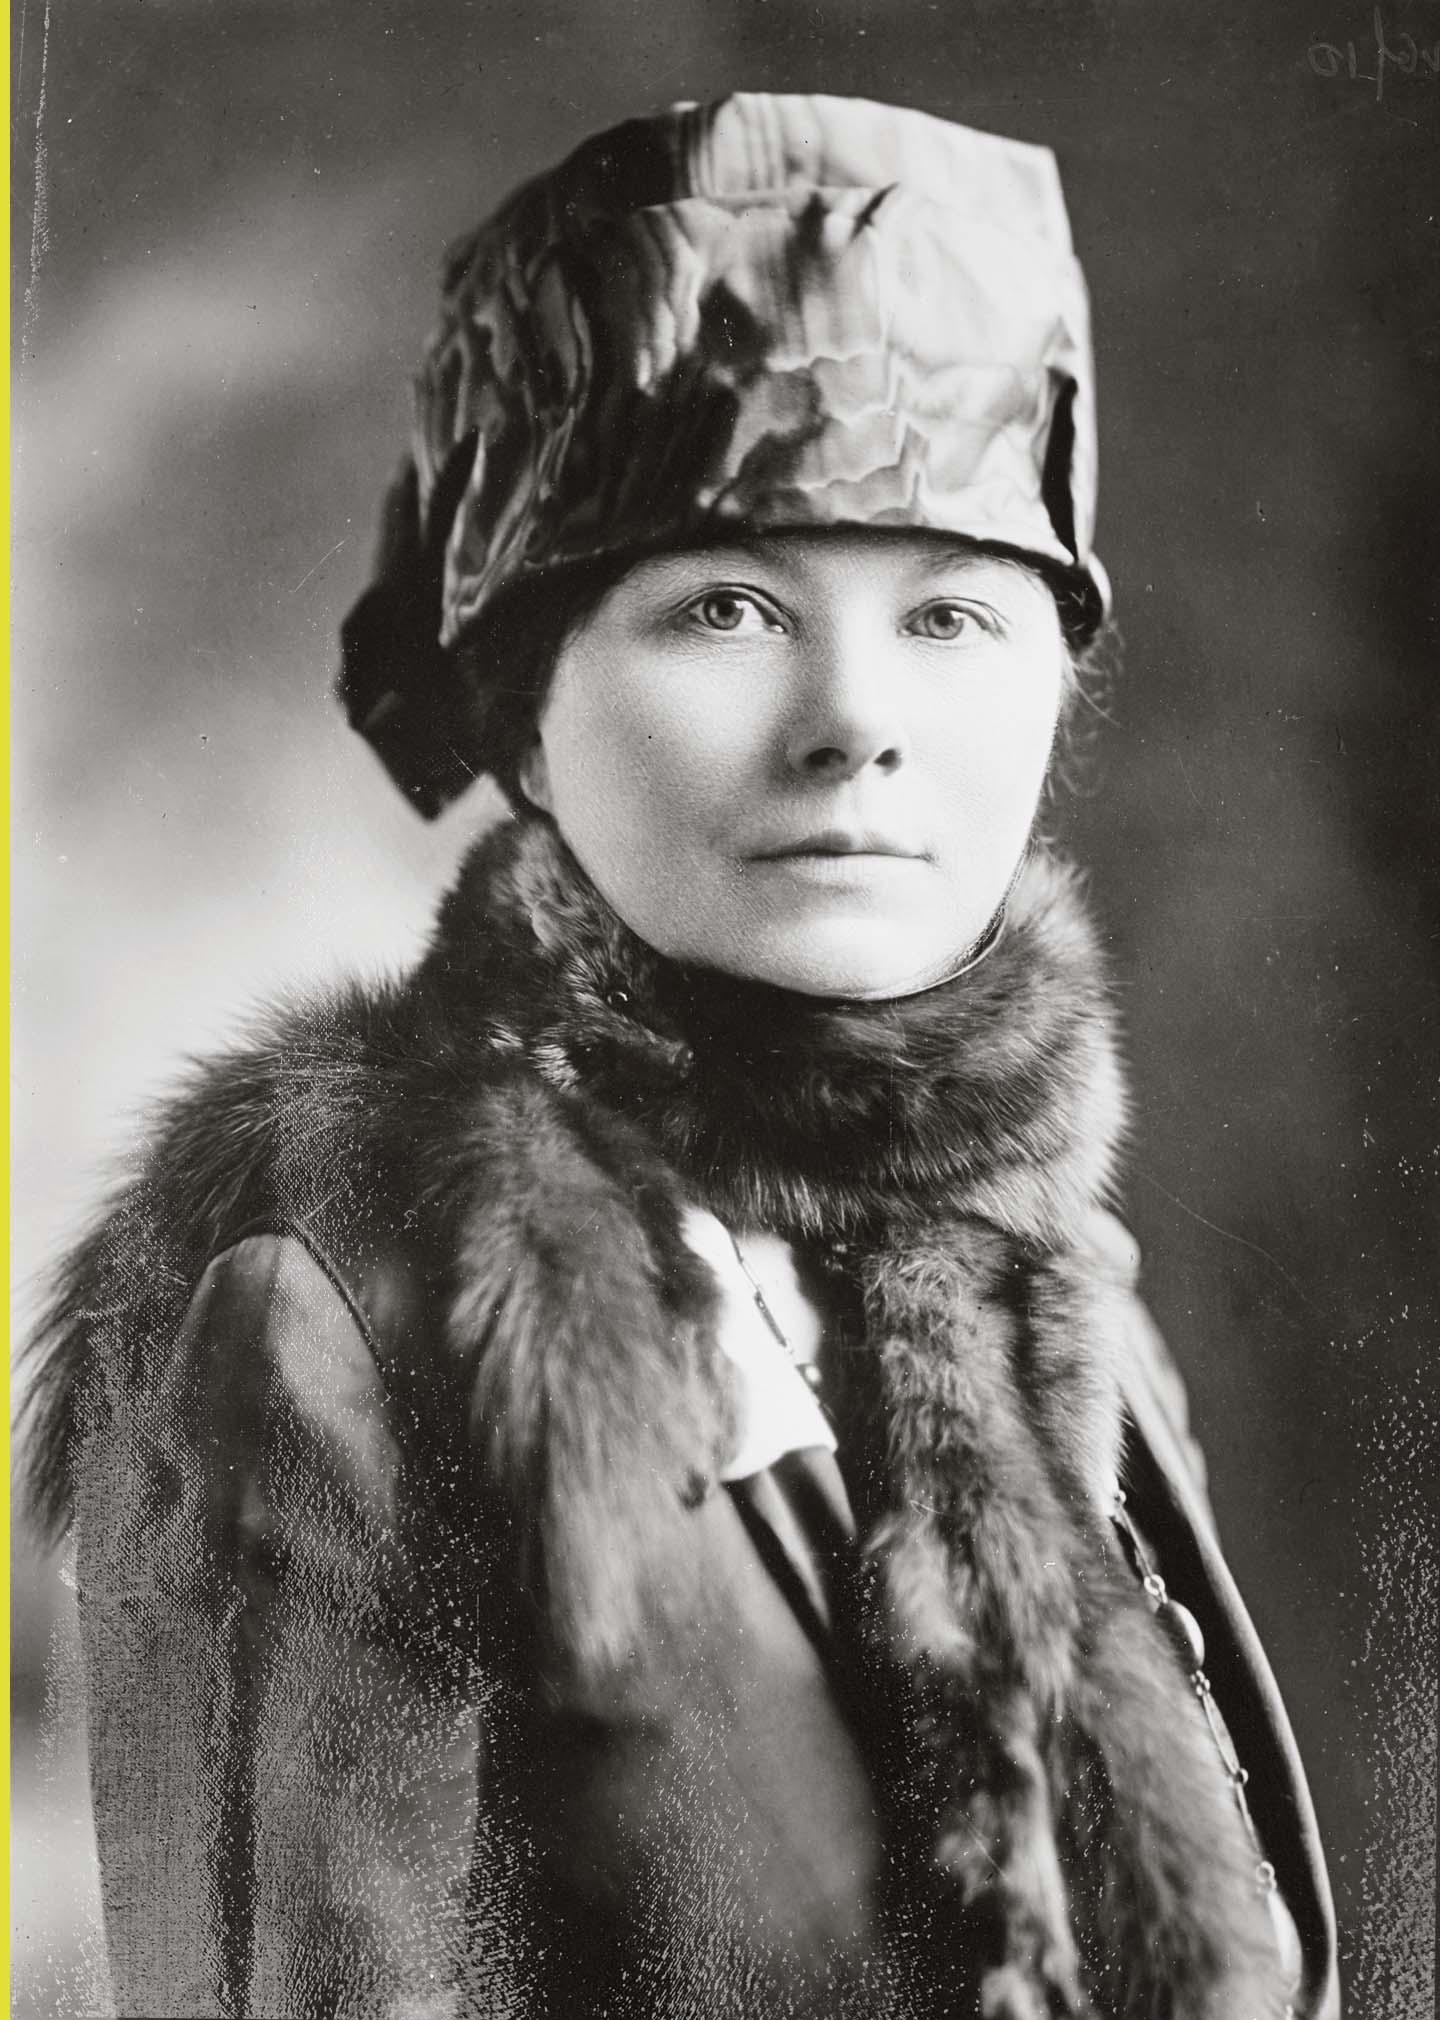 Dr. Esther Pohl Lovejoy